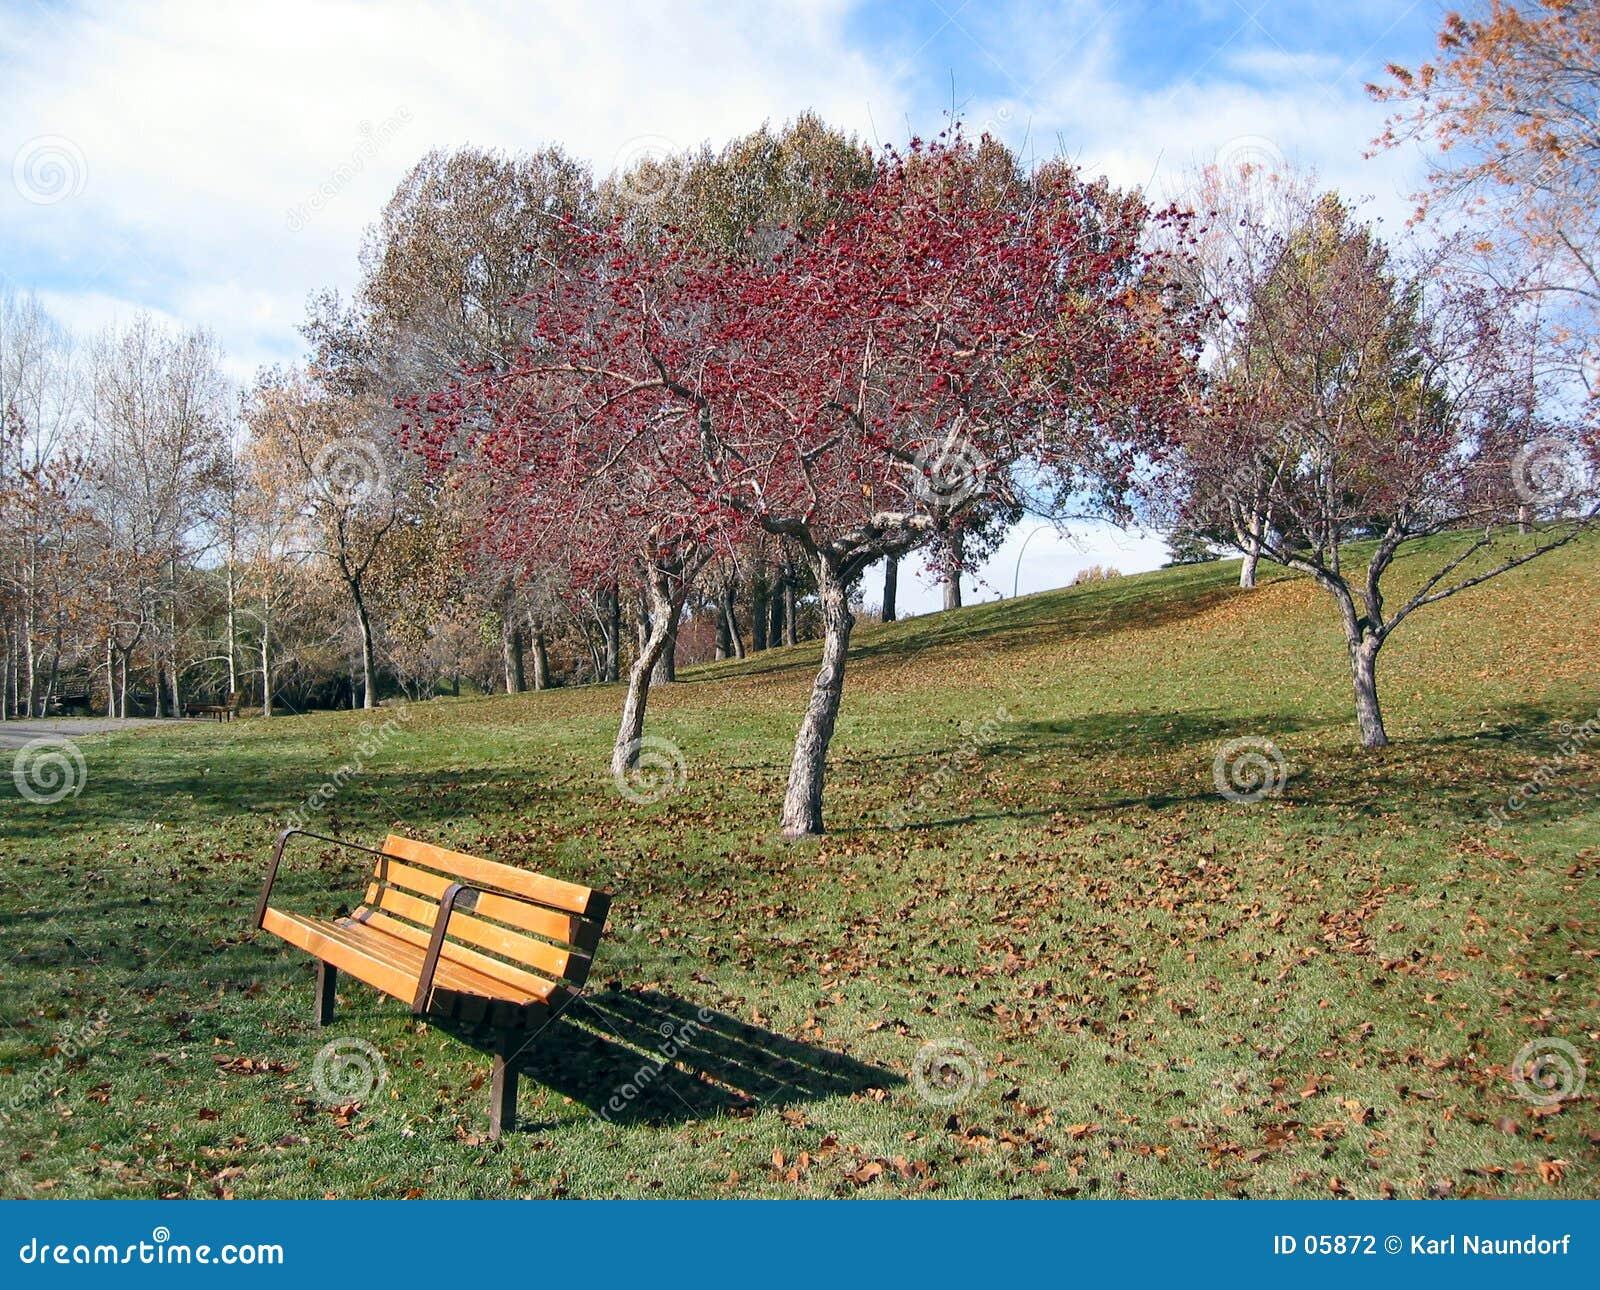 árvore folheada vermelha com banco de parque